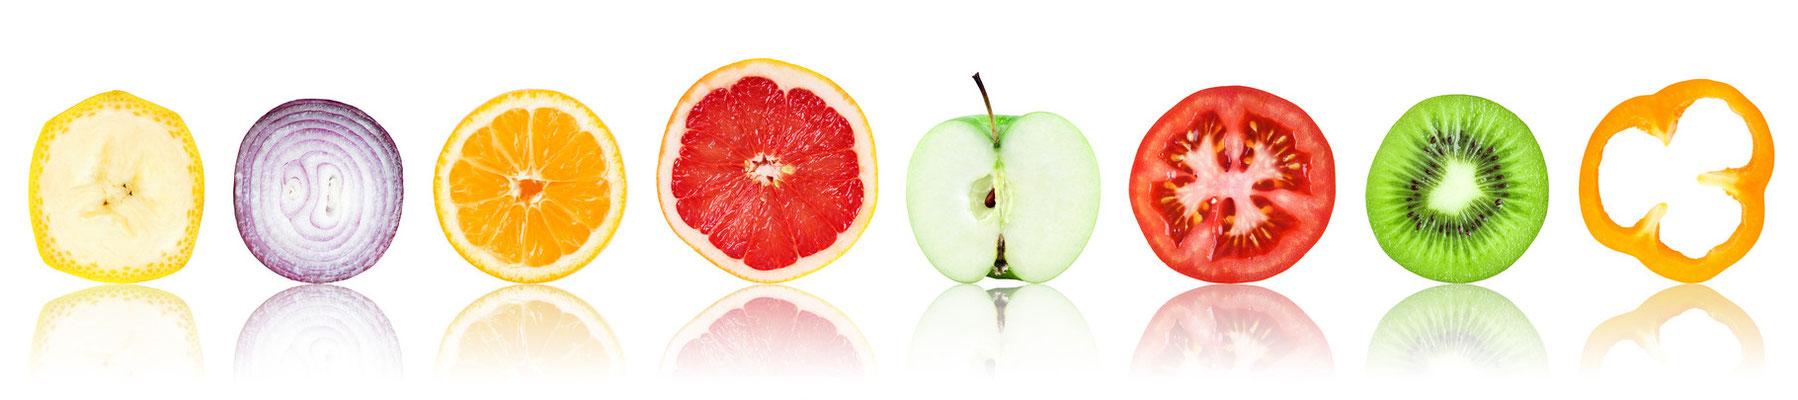 Obst und Gemüse3